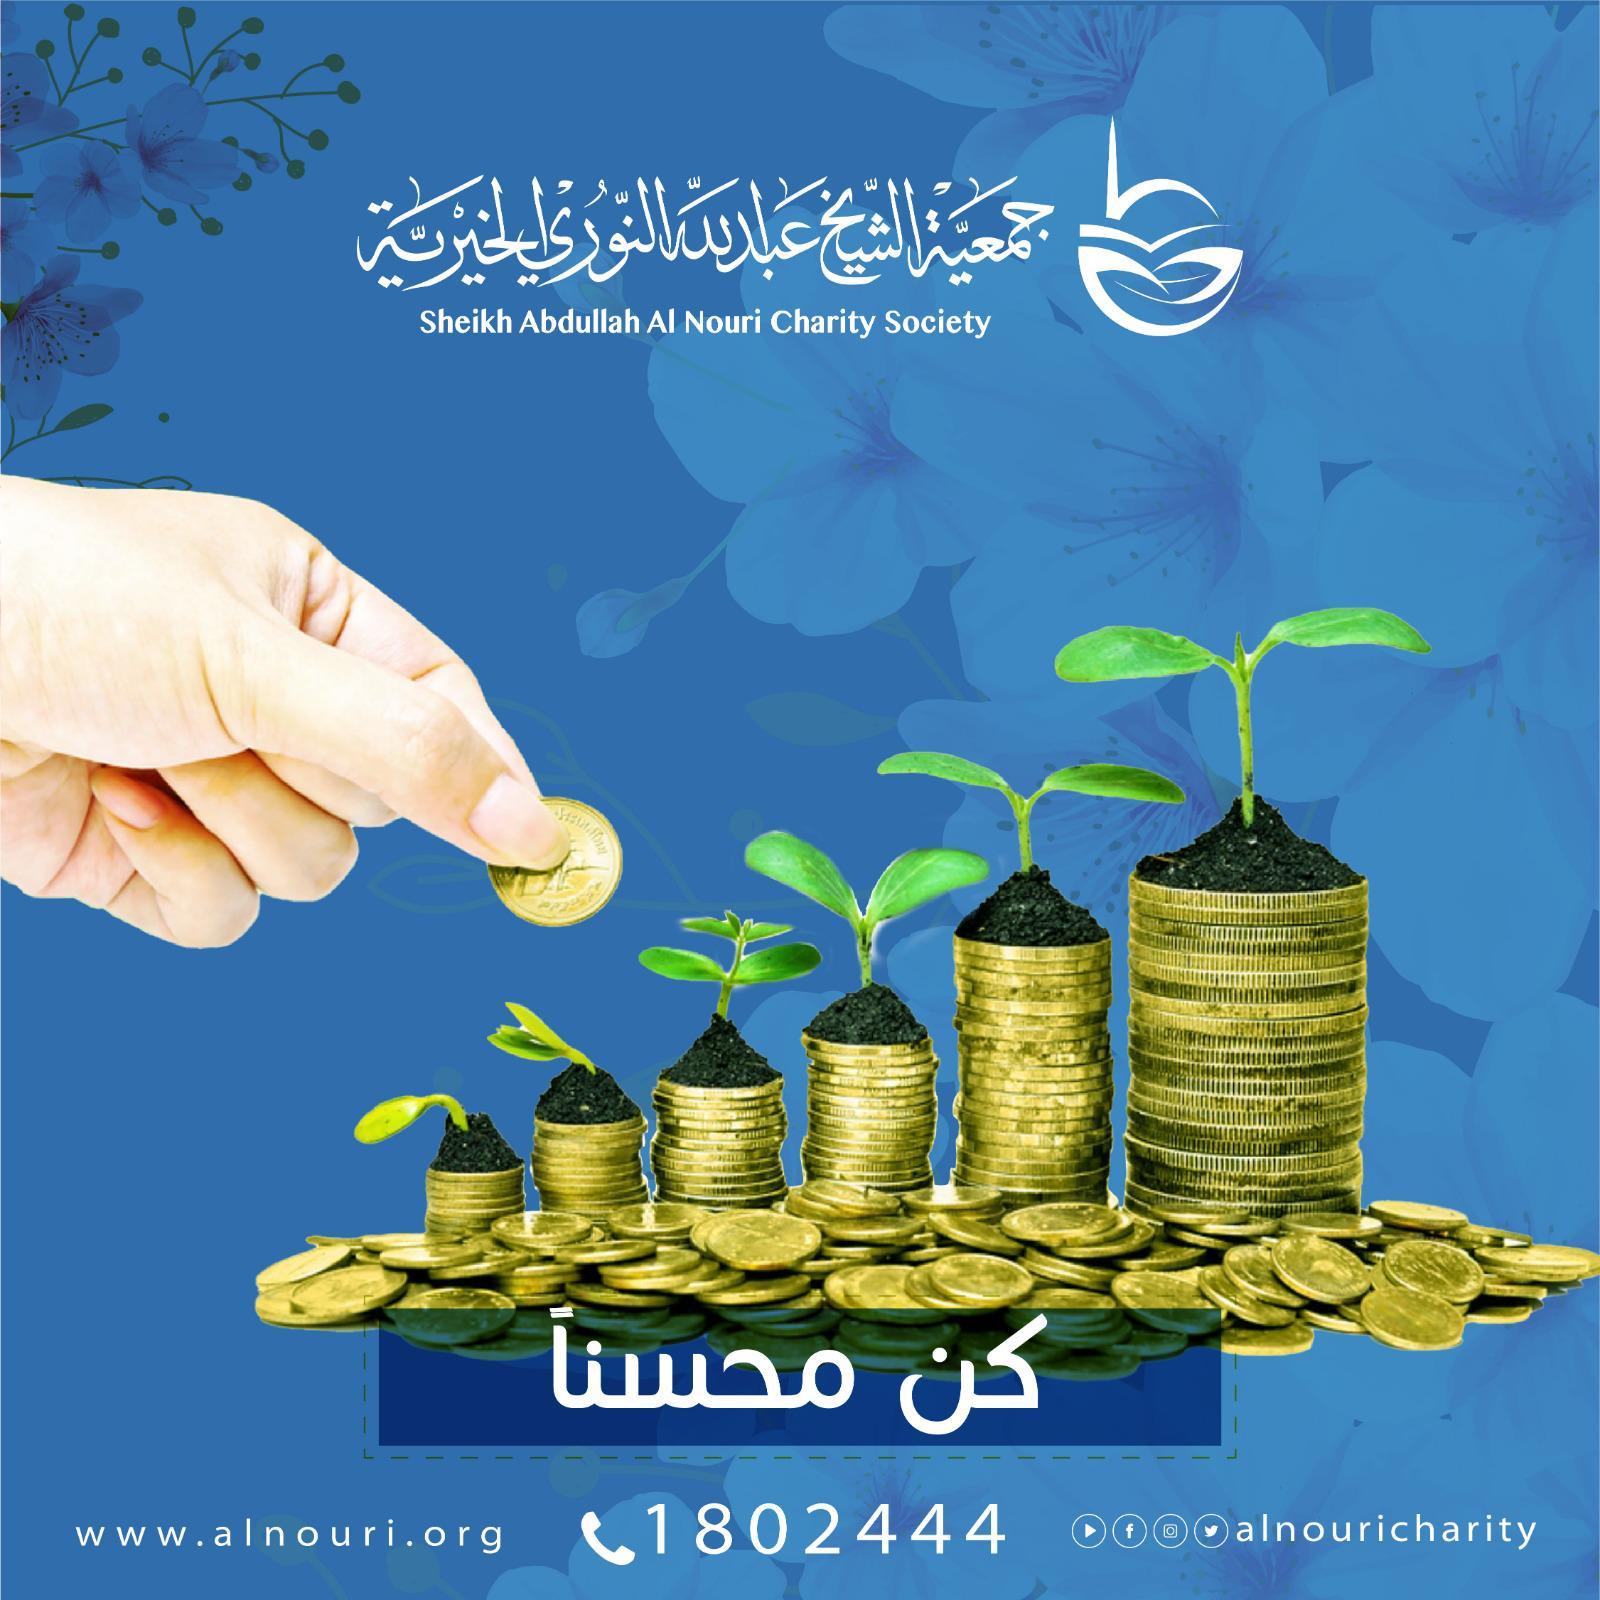 وقفية القرآن الكريم - واحد كمية = 250